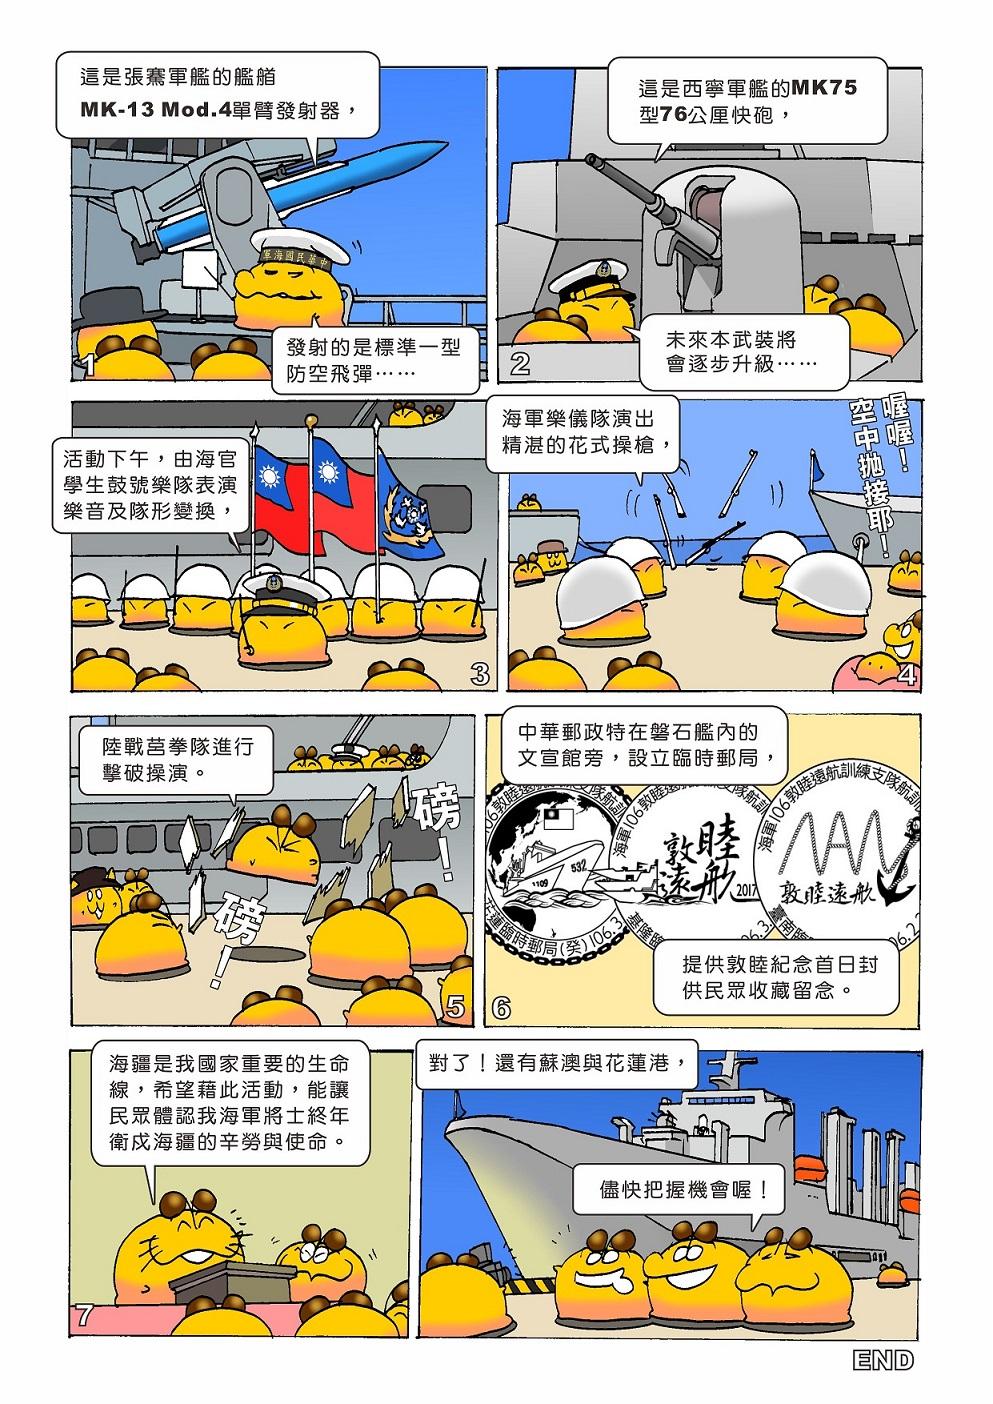 圖:國防Online漫畫03期02